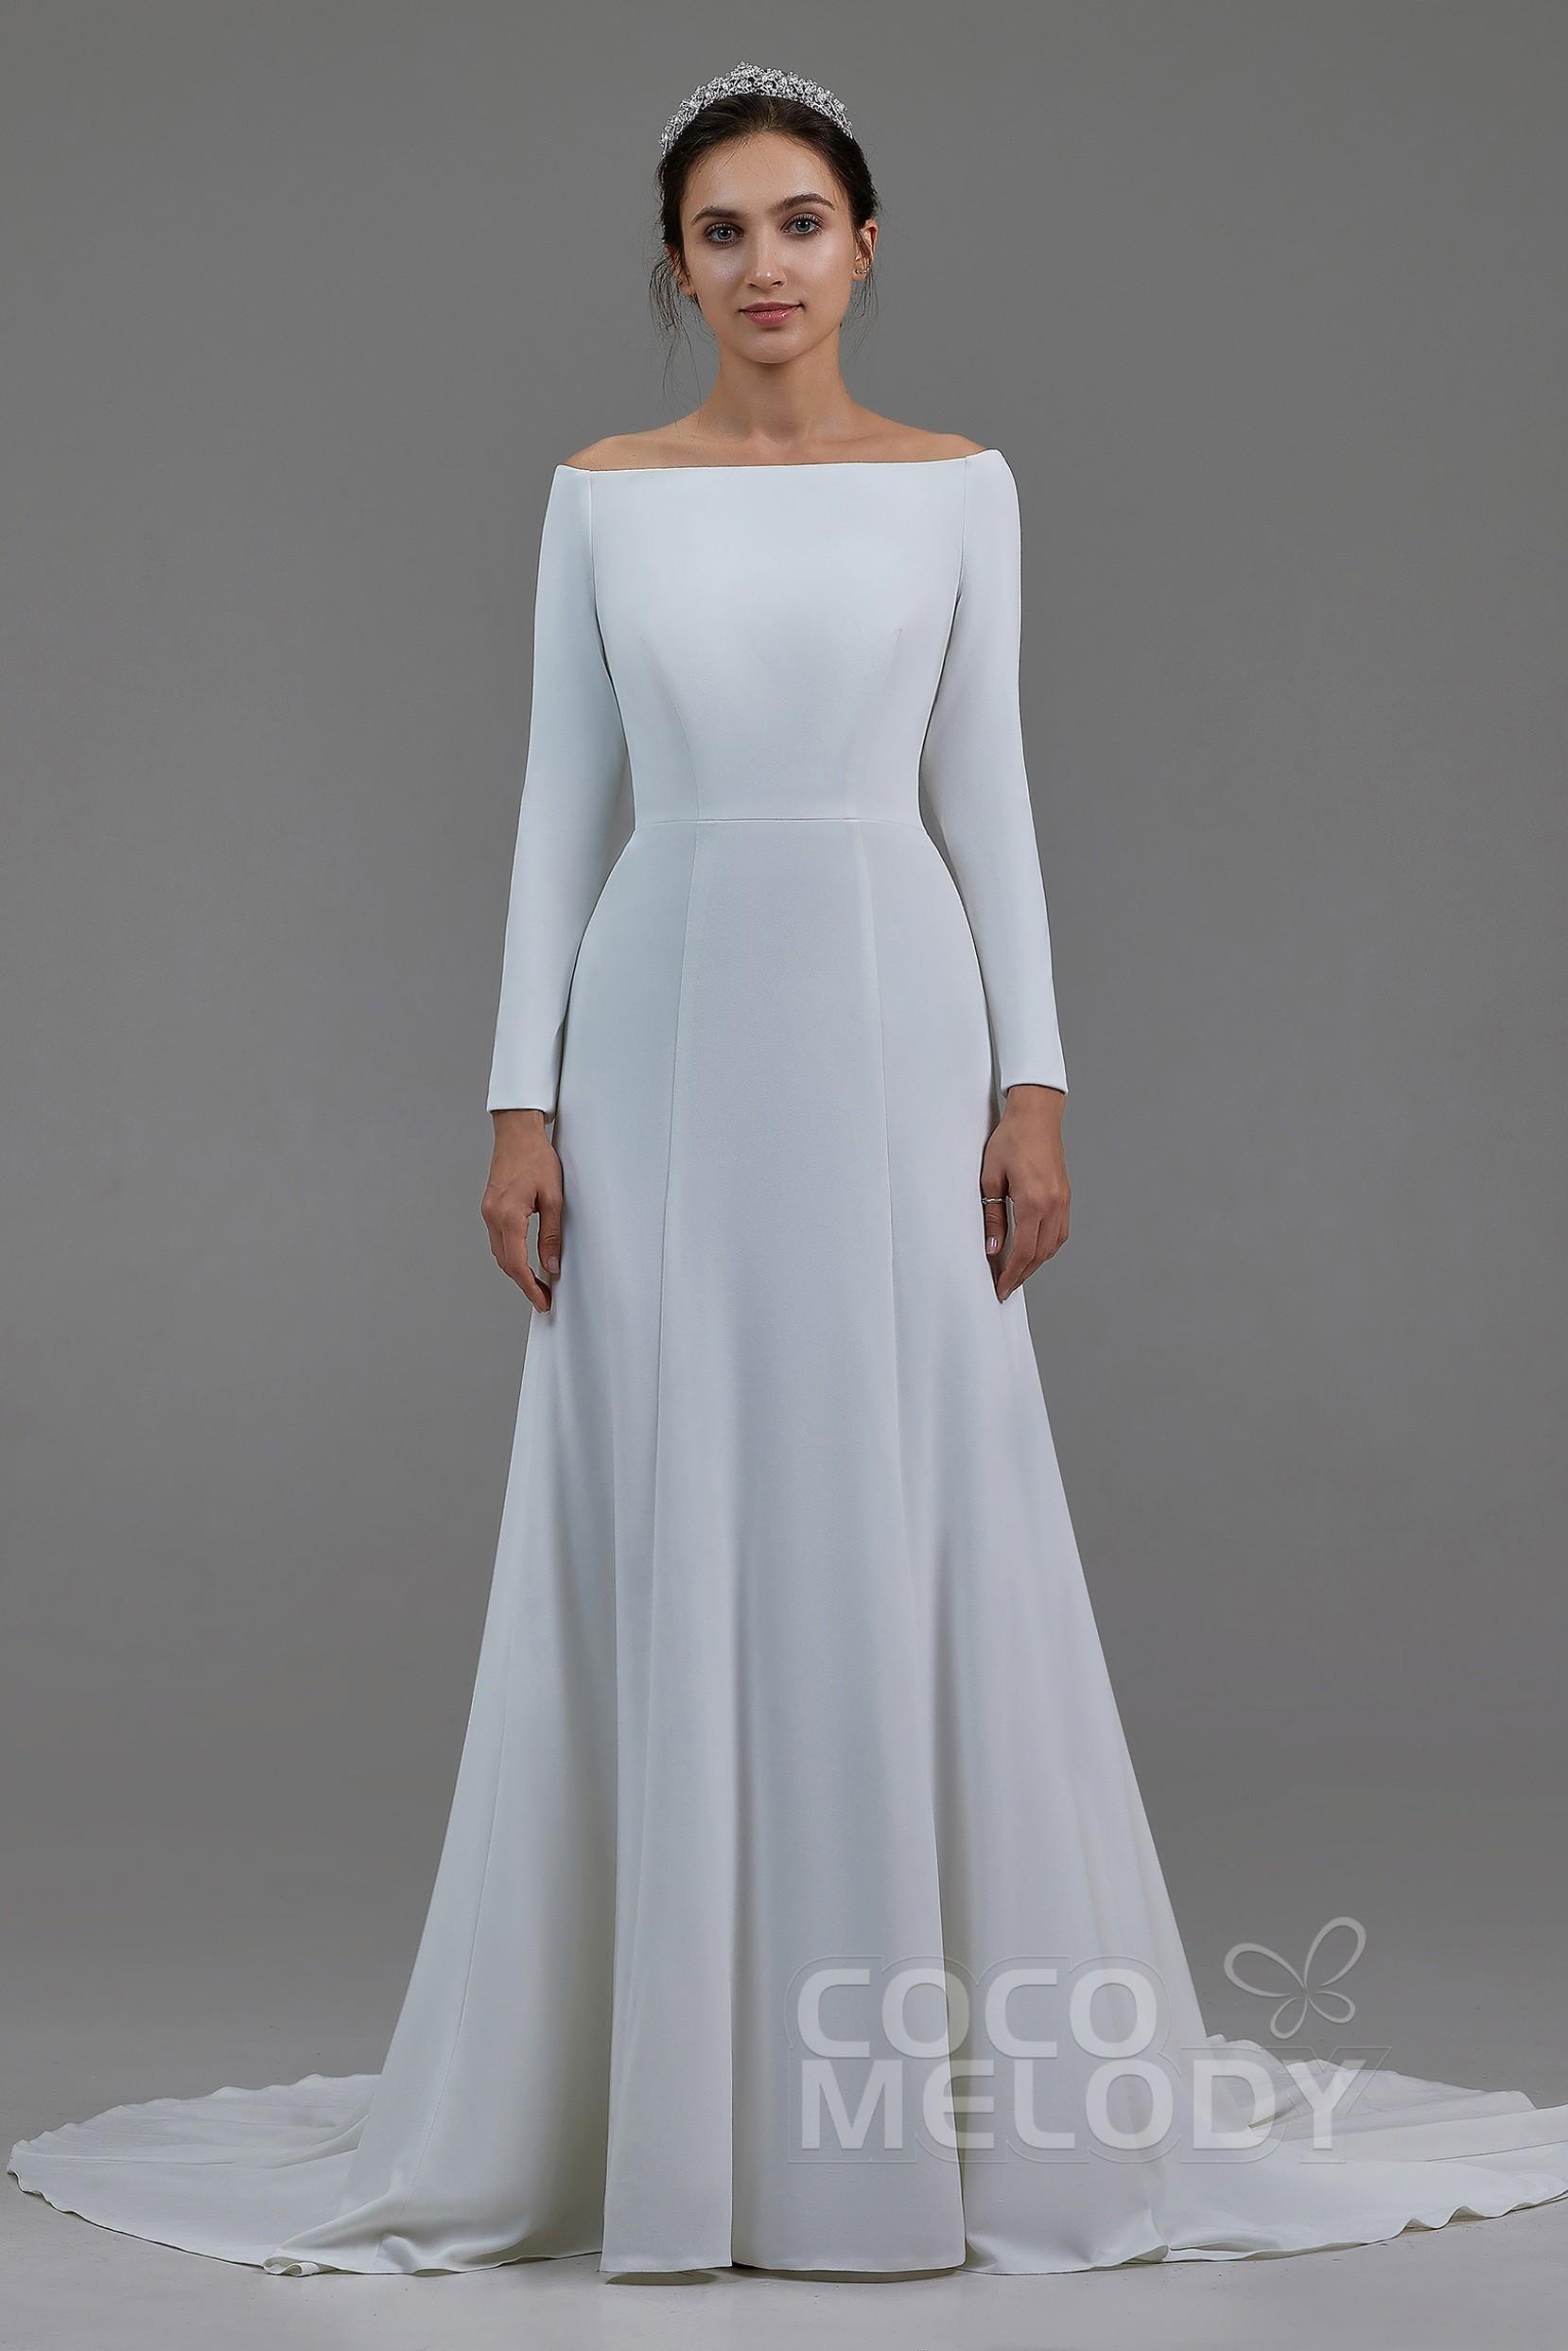 wwww.santabarbarawedding.com | COCOMELODY | Mermaid Chapel Train Knitted Fabric Wedding Dress